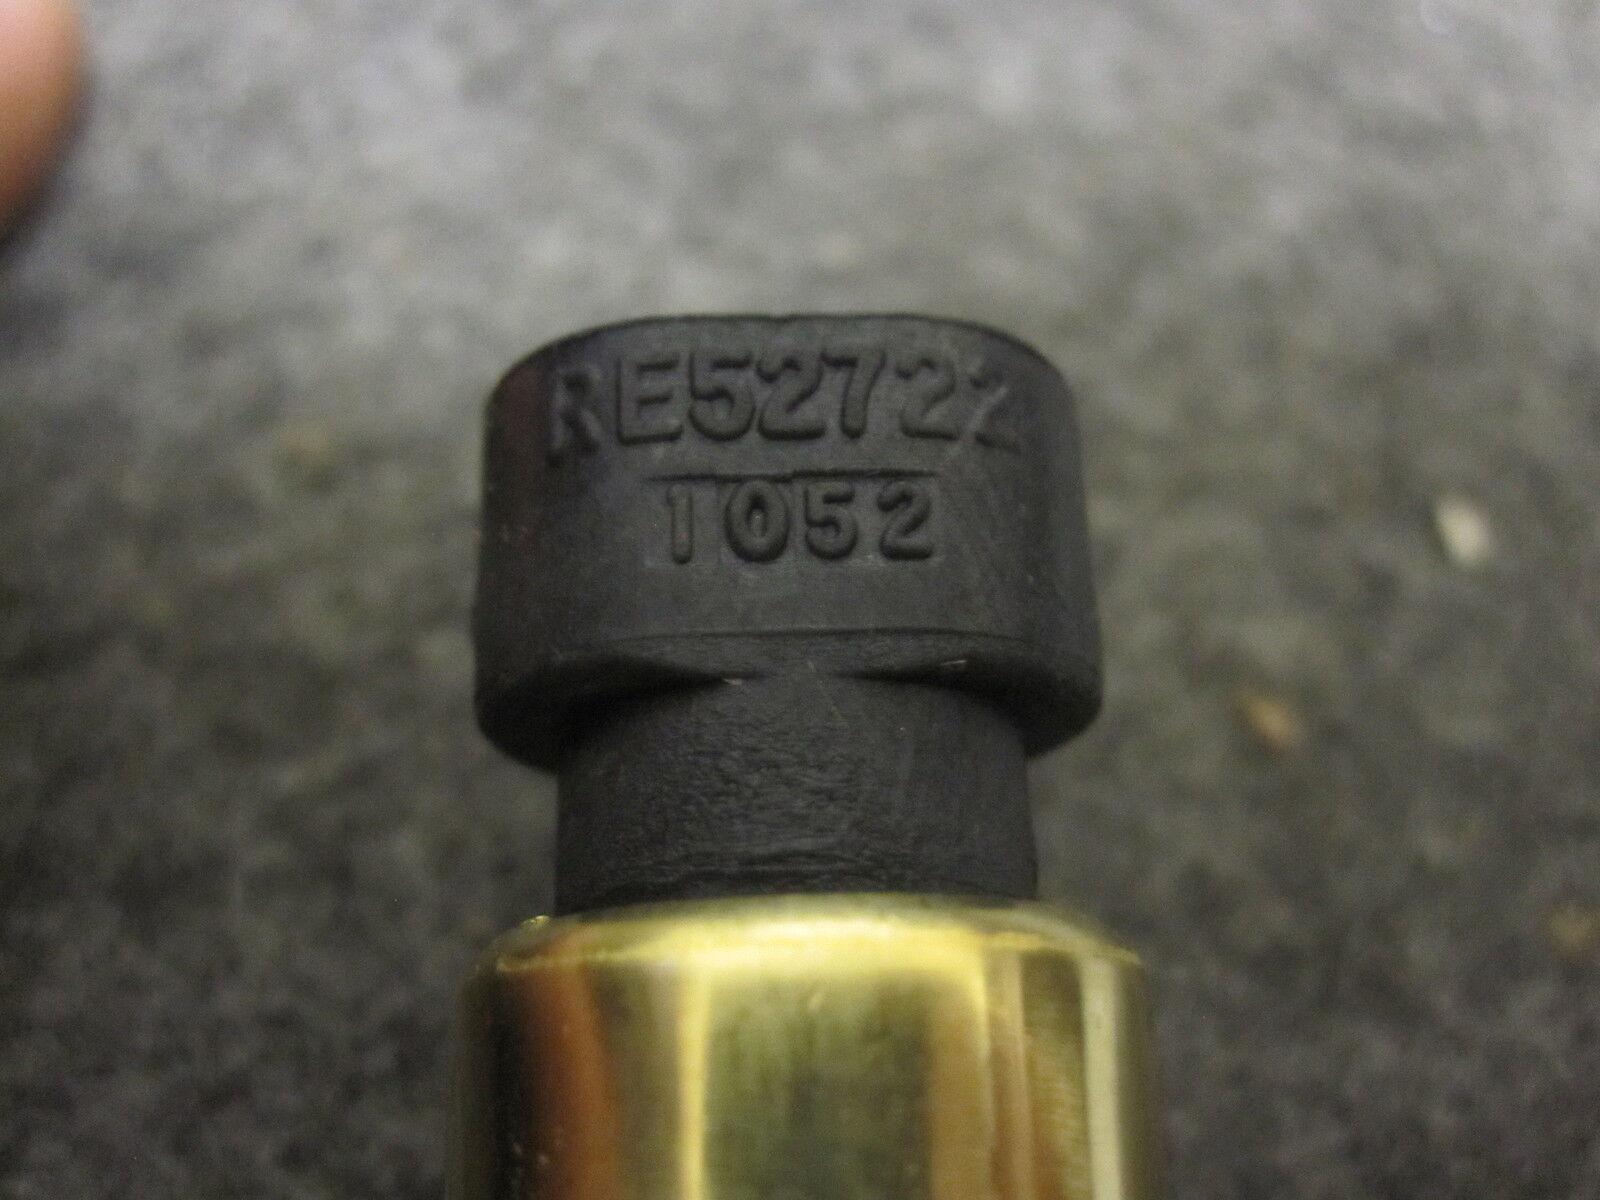 JD John Deere RE52722 Transmission Oil Temp Temperature Sensor for sale online